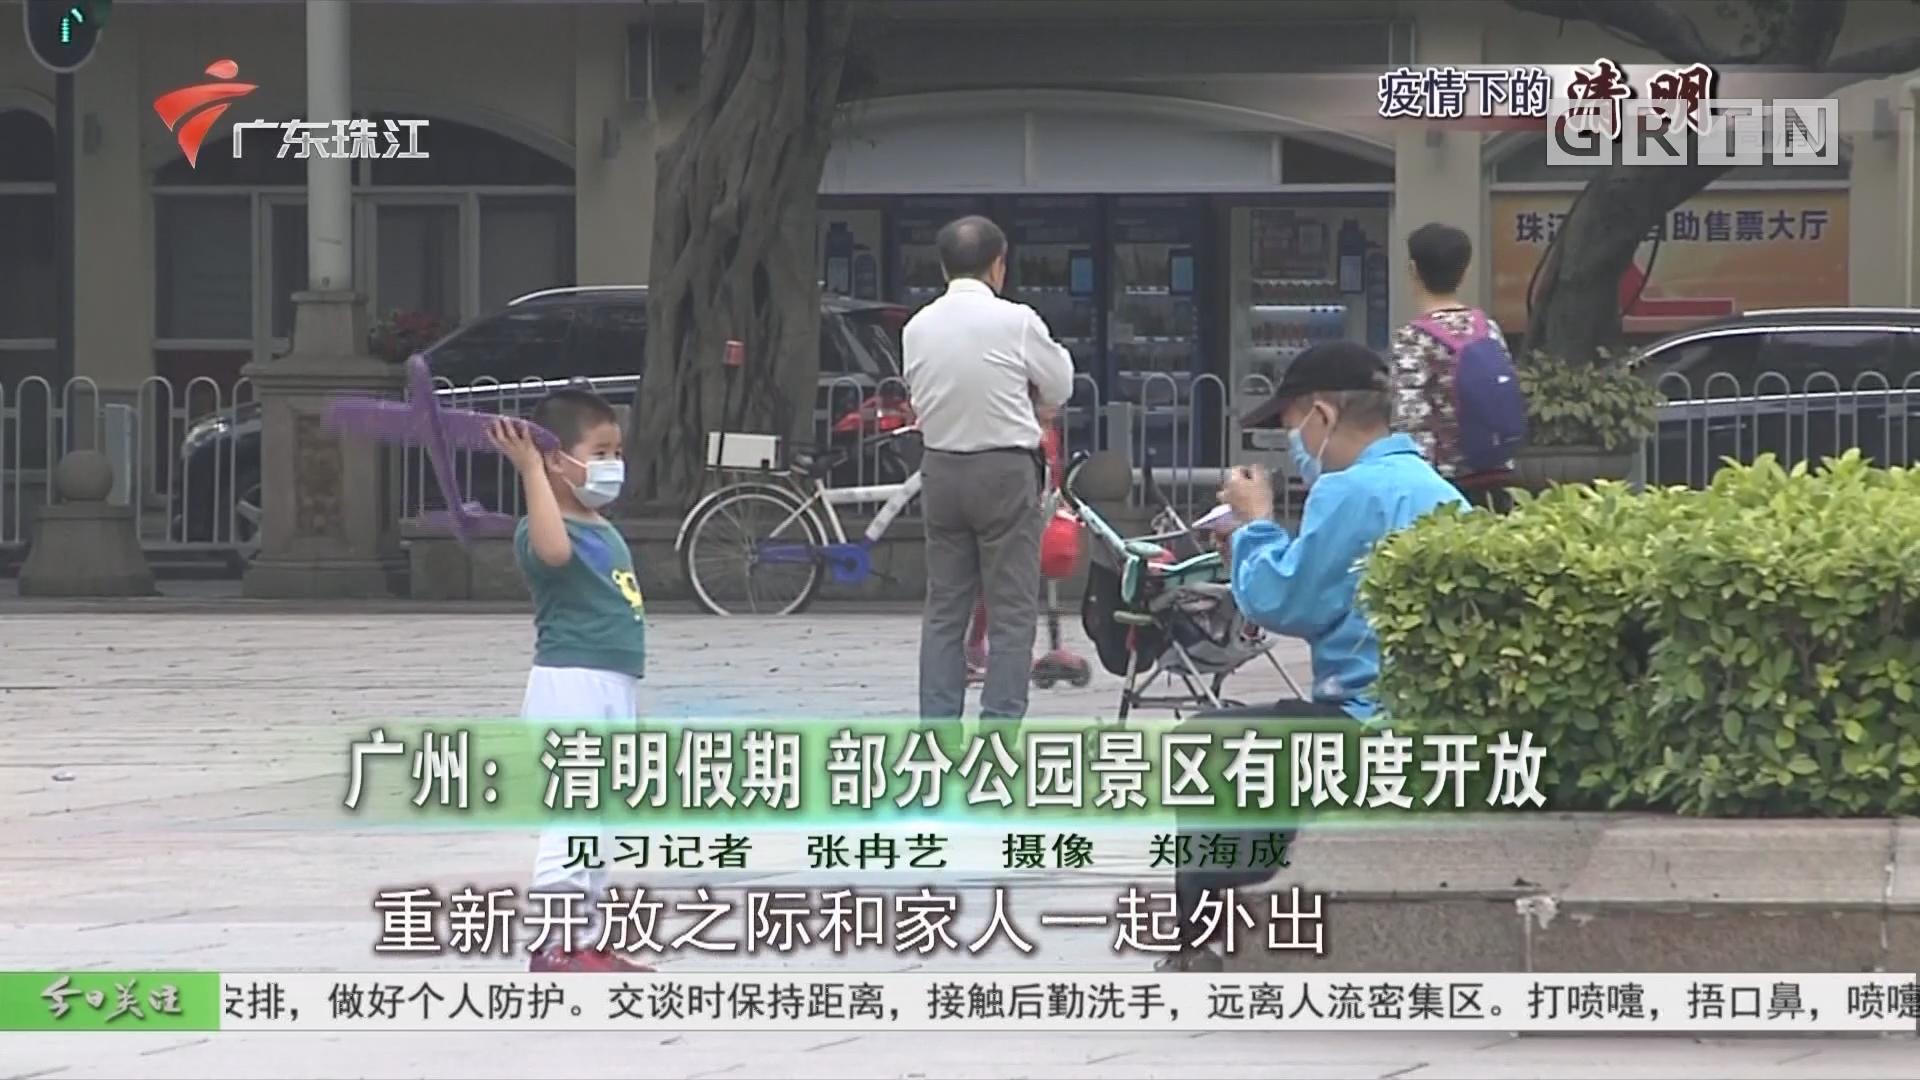 广州:清明假期 部分公园景区有限度开放